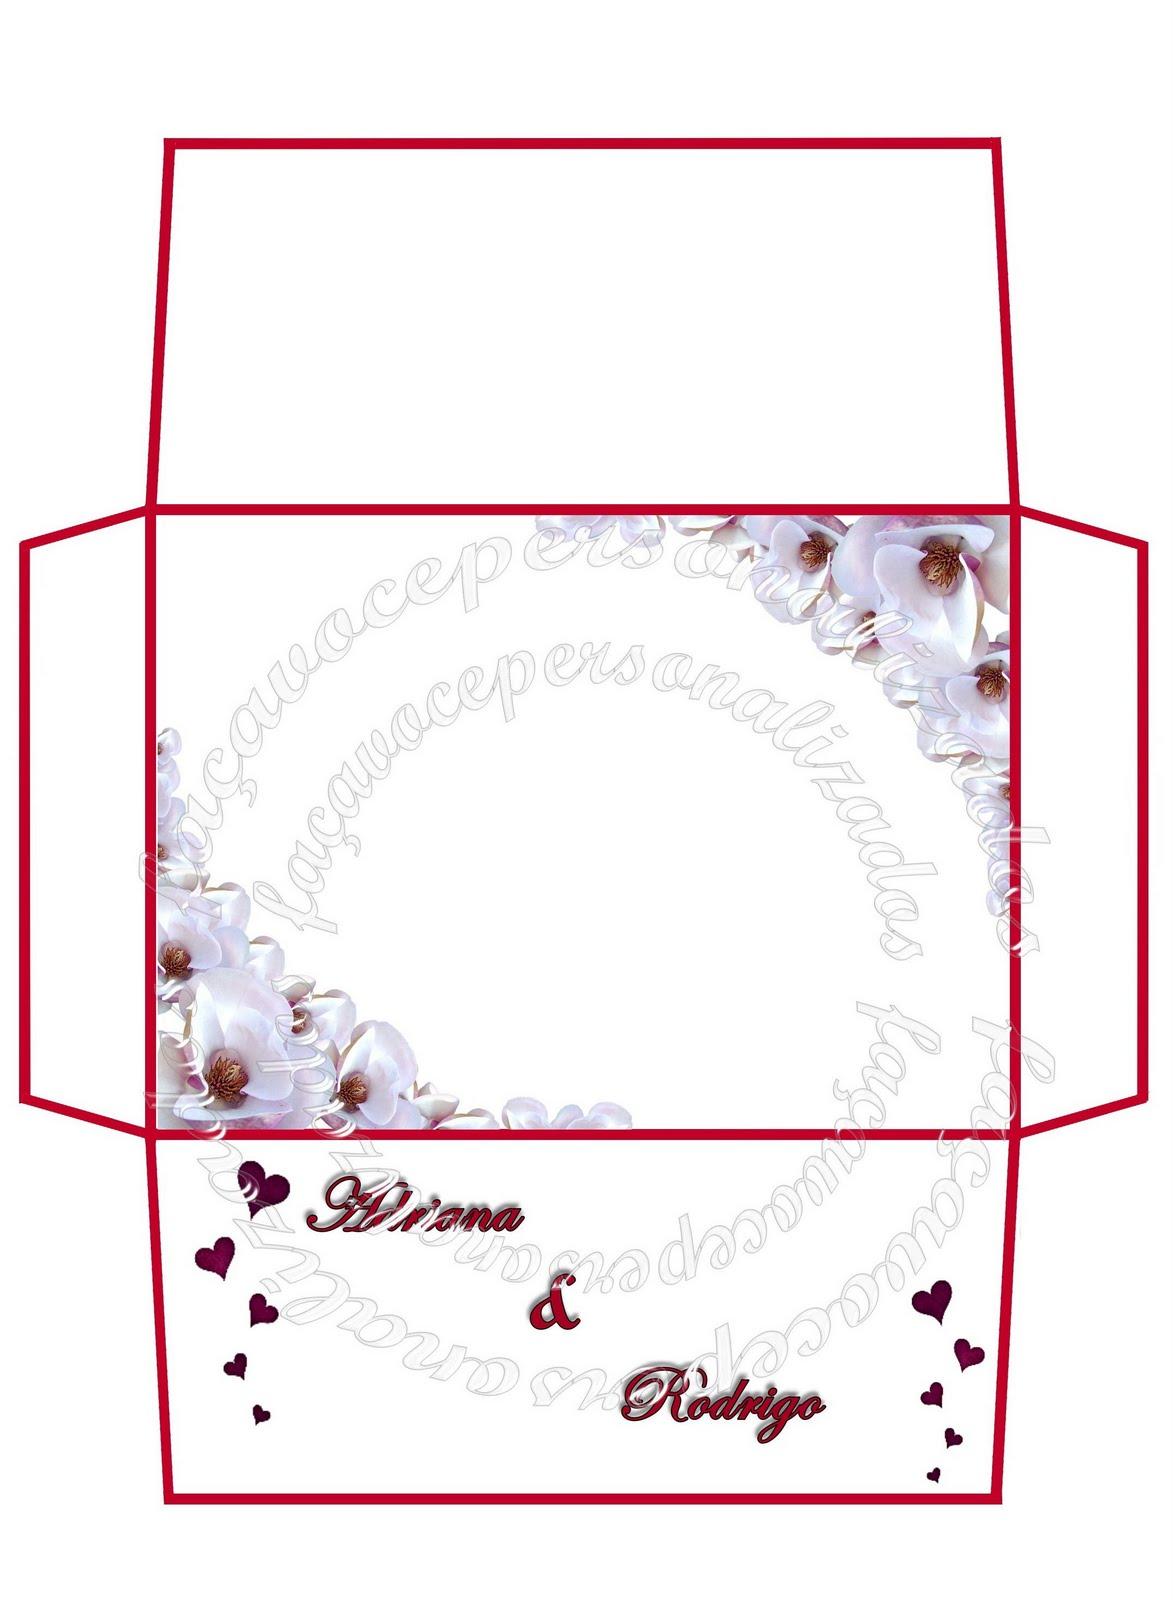 Preferência Faça você personalizados: Artes para convites casamento FL06